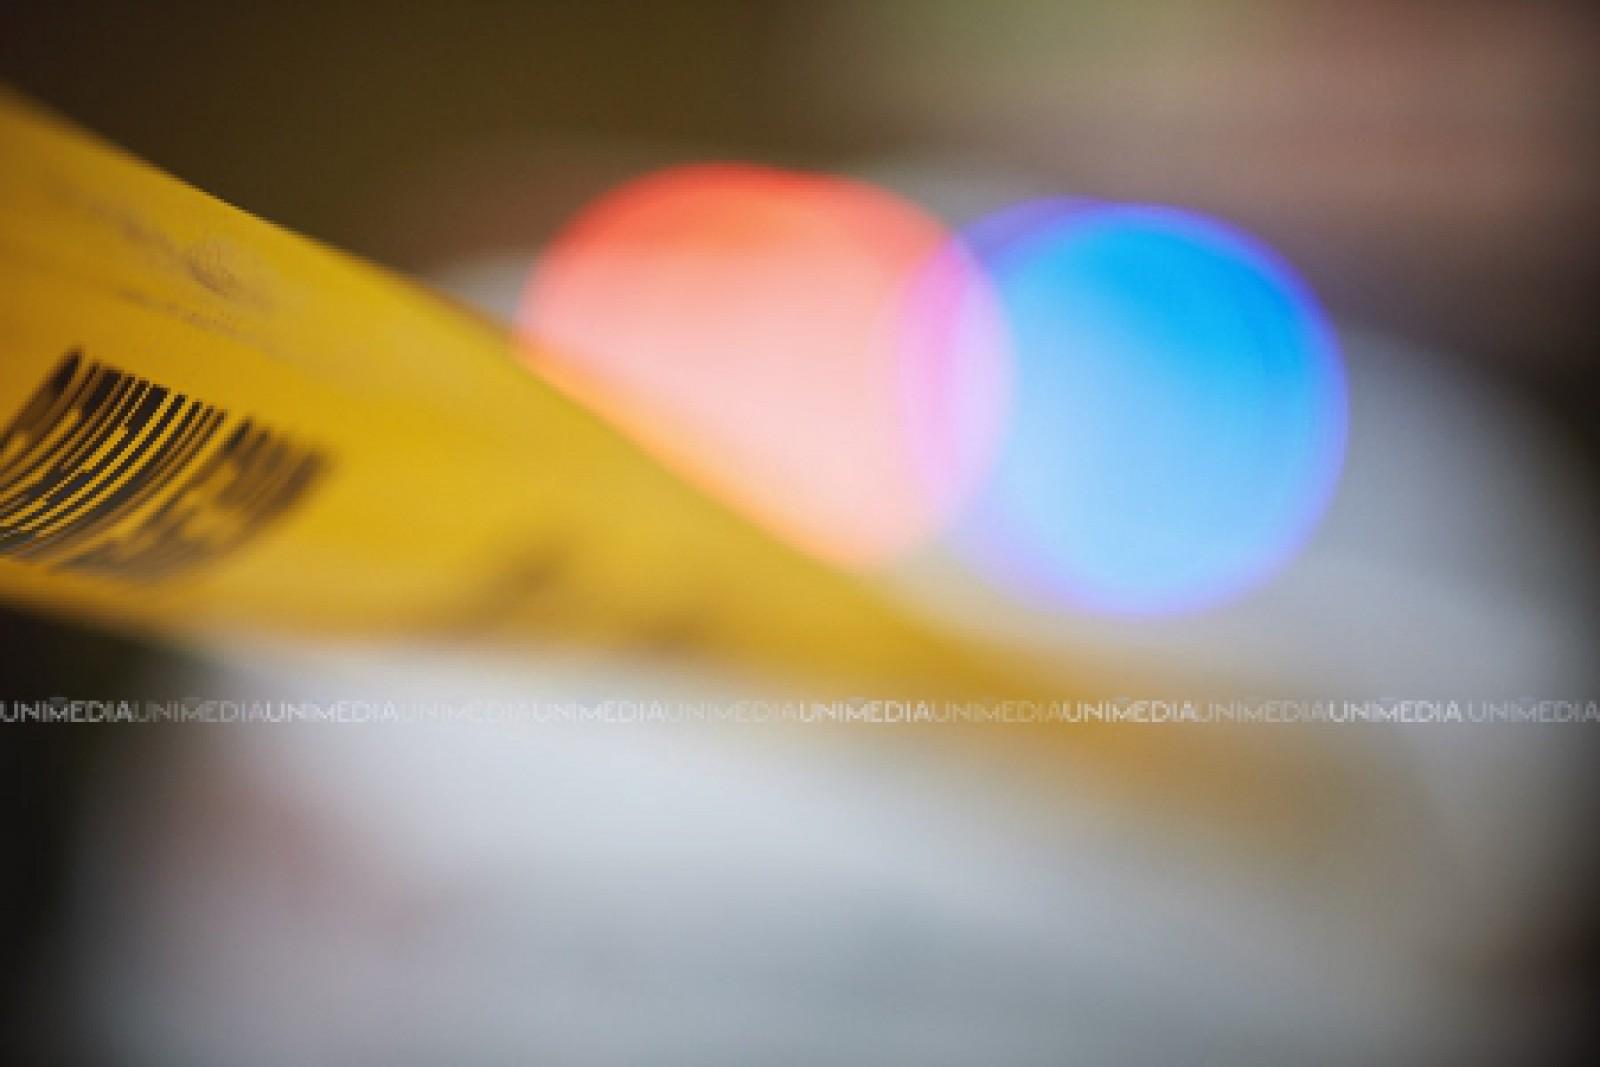 (foto) Ultima oră: Cadavrul femeii care a fost găsită ieri într-un tomberon a fost identificat